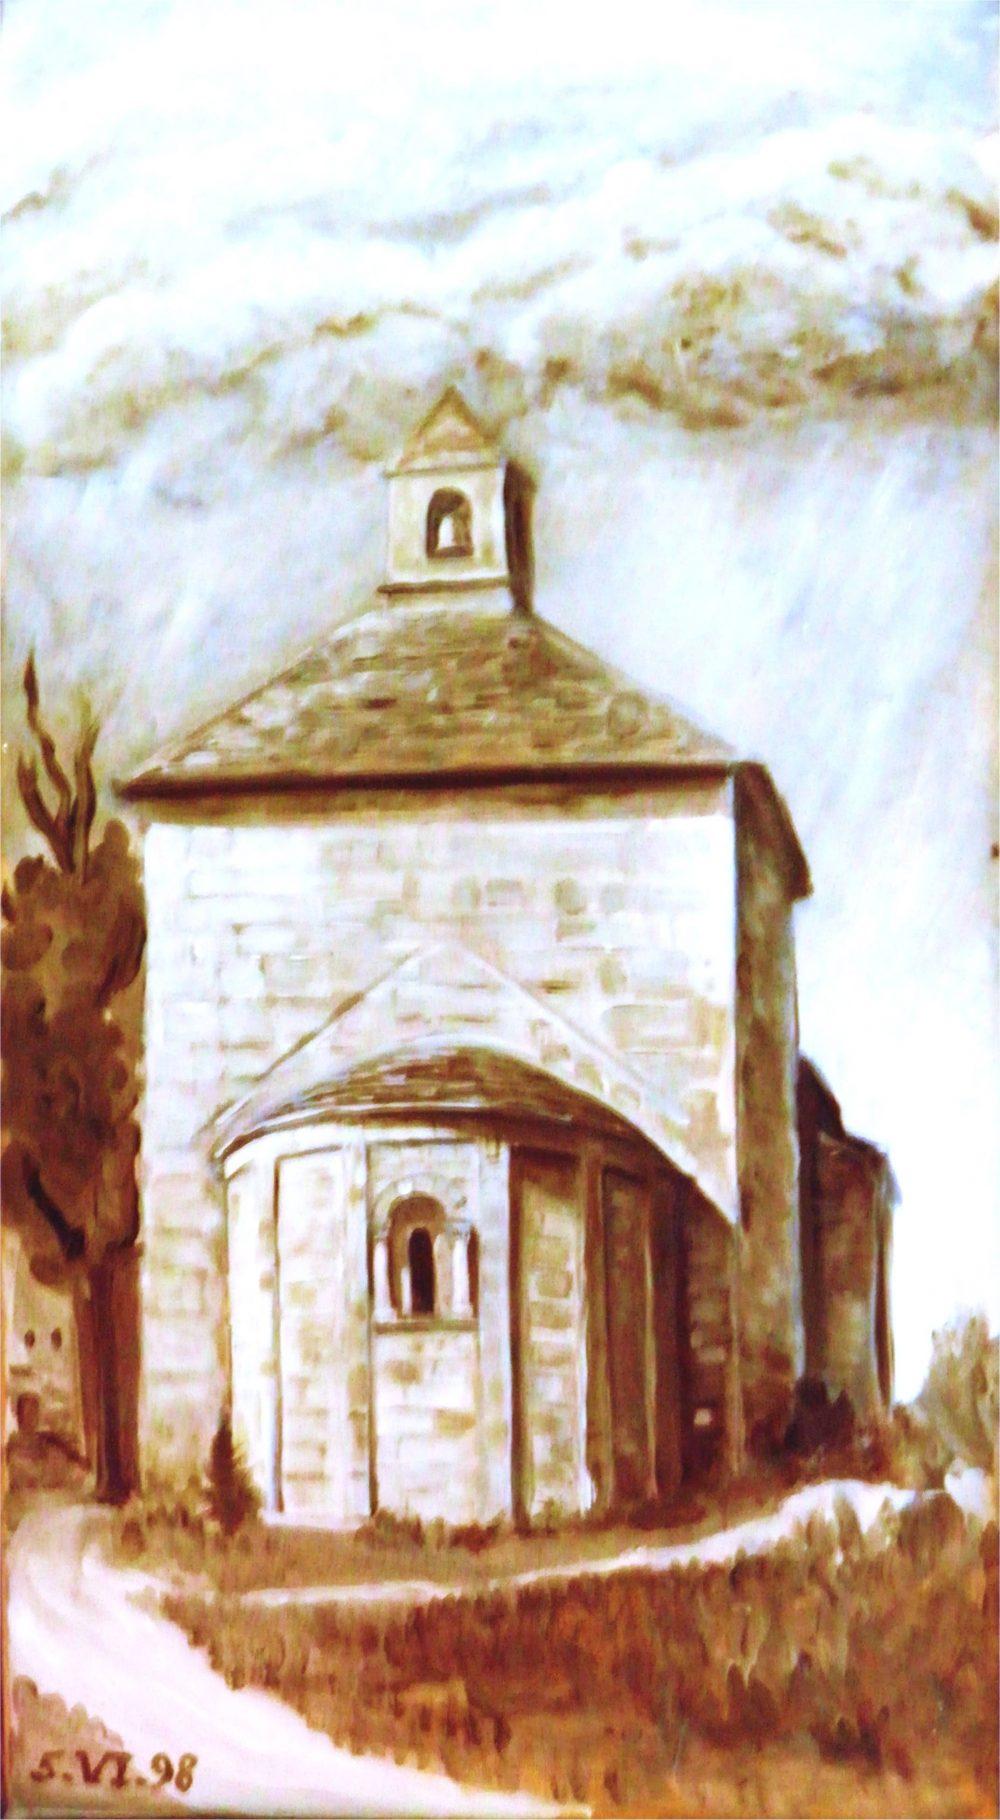 chapelle ief l-ecole-a-la-maison.com